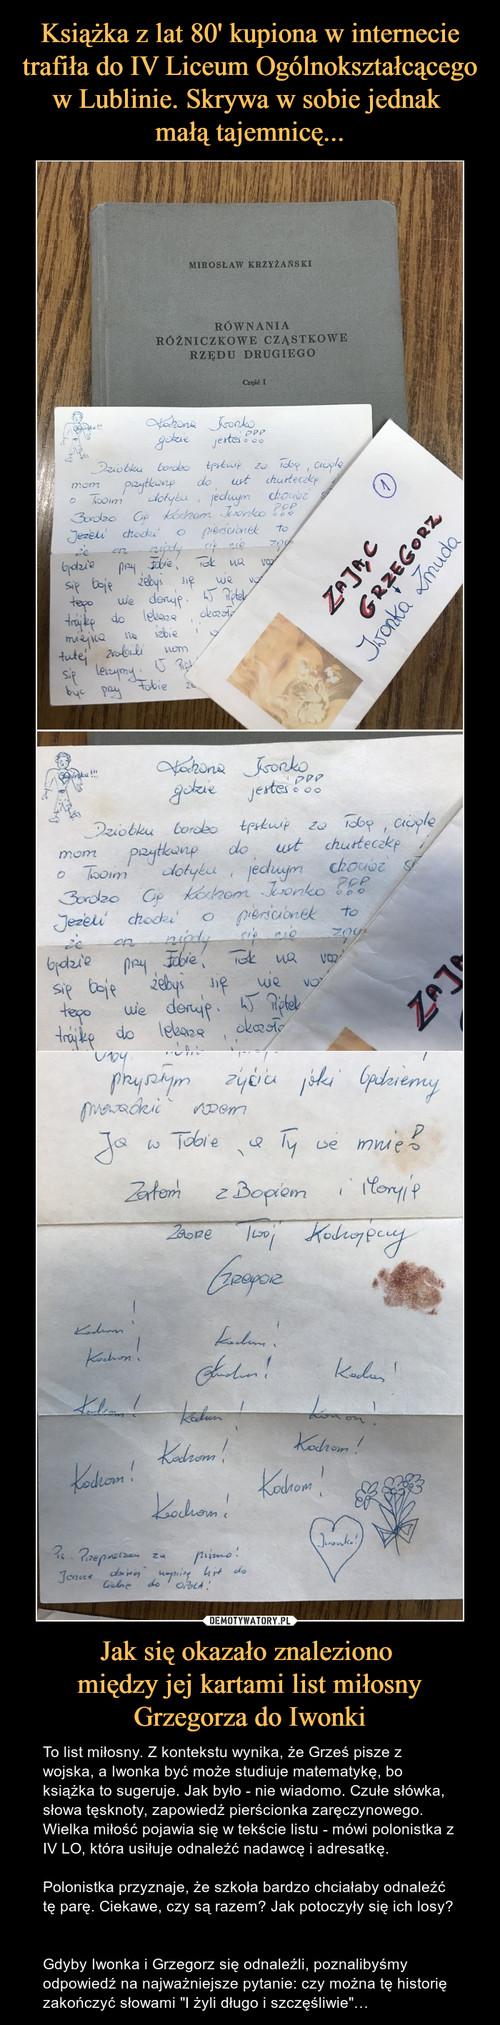 Książka z lat 80' kupiona w internecie trafiła do IV Liceum Ogólnokształcącego w Lublinie. Skrywa w sobie jednak  małą tajemnicę... Jak się okazało znaleziono  między jej kartami list miłosny Grzegorza do Iwonki